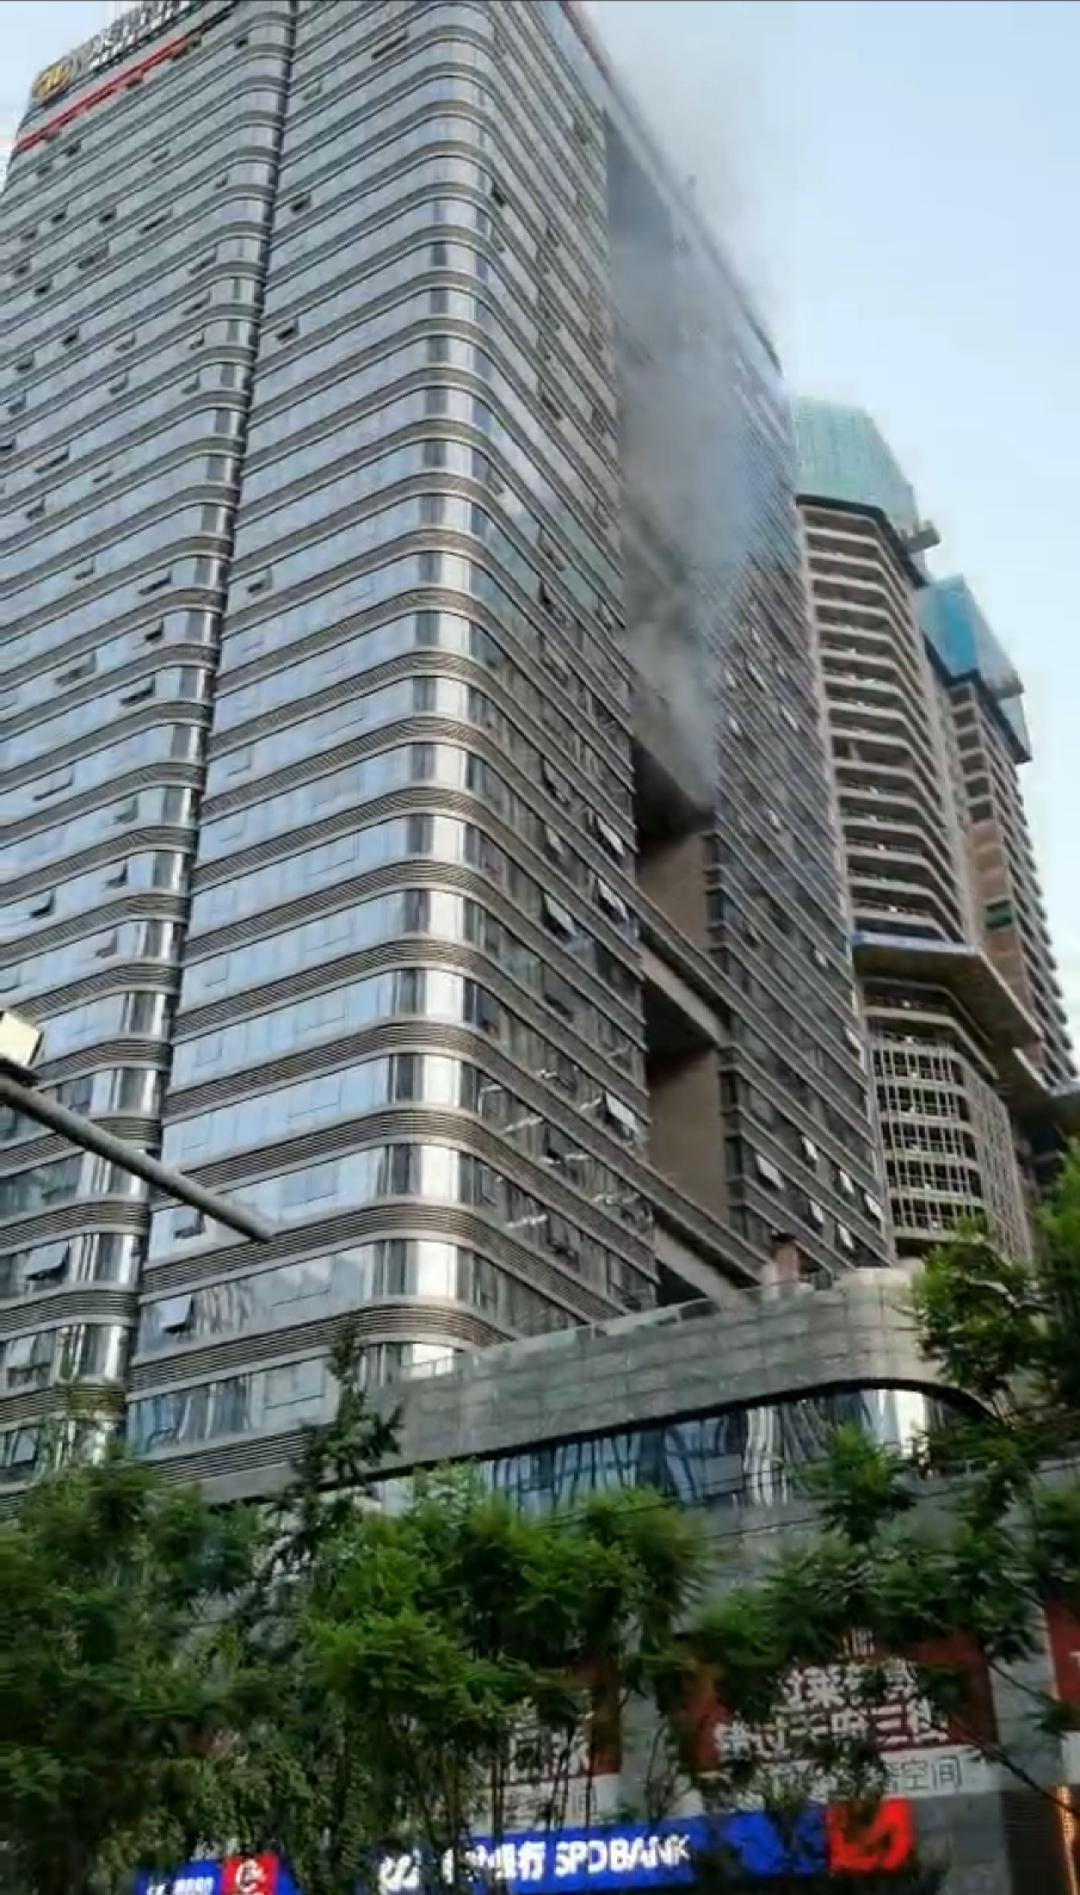 【虎林网】_成都一酒店突发大火,有人员被困仍在救援